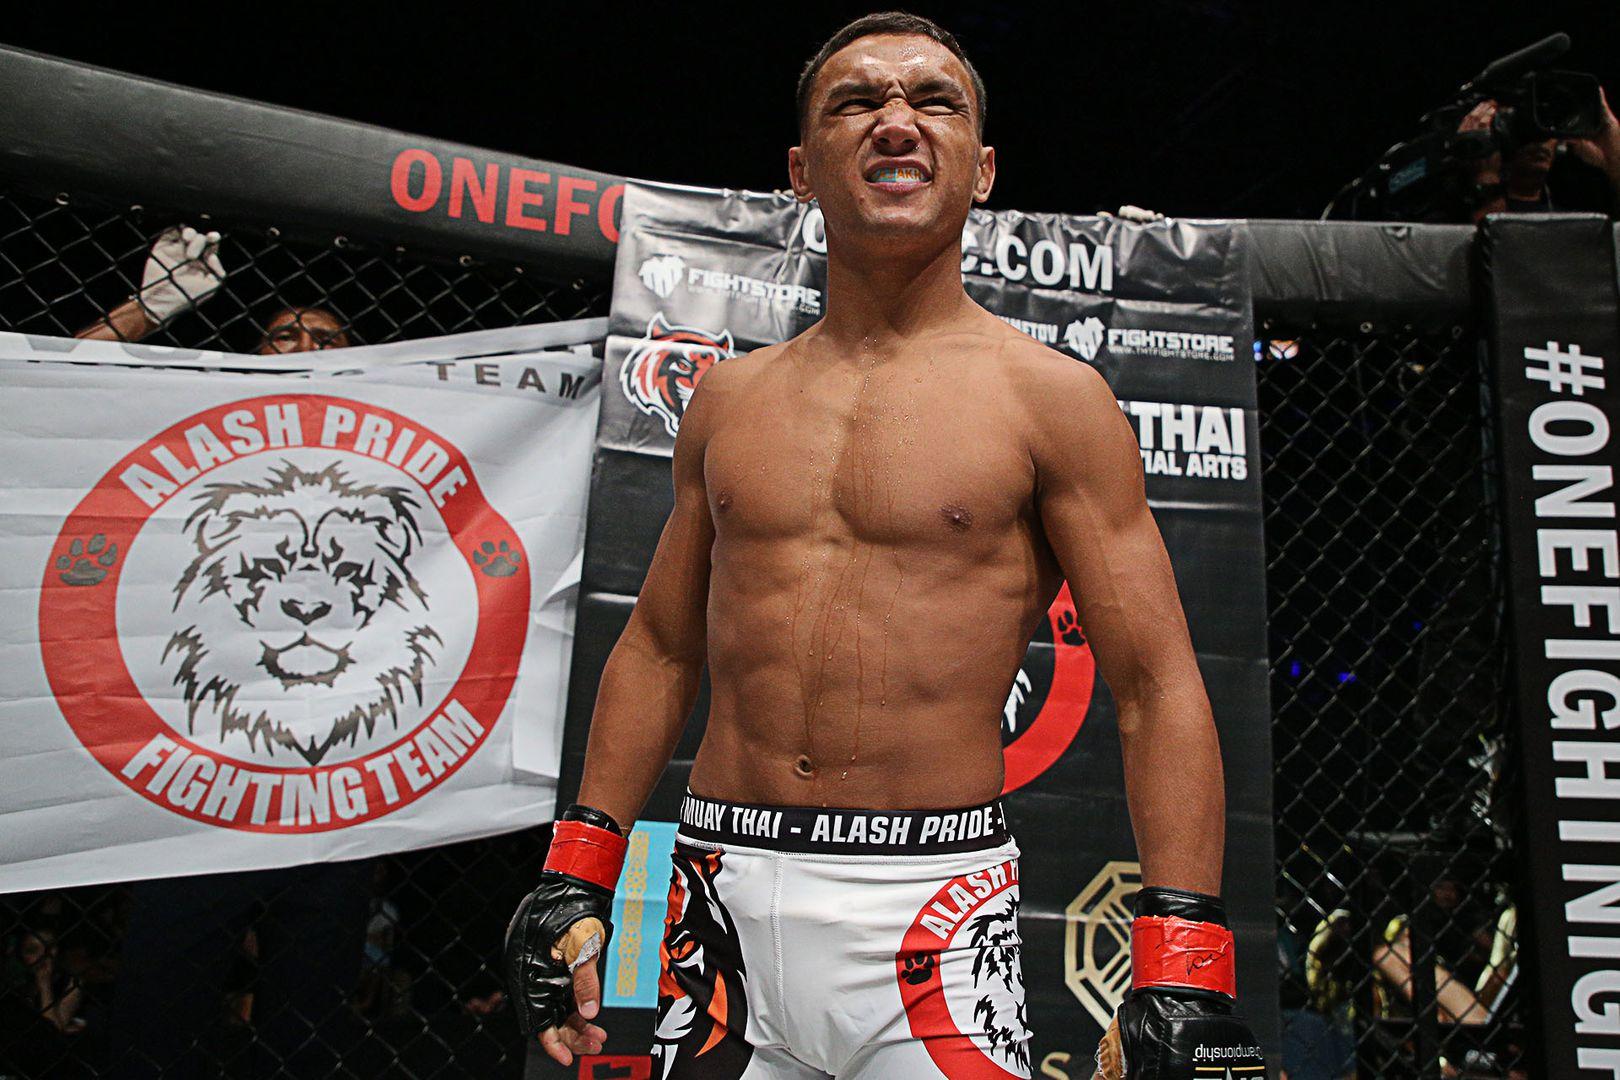 Kazakhstani MMA fighter Kairat Akhmetov